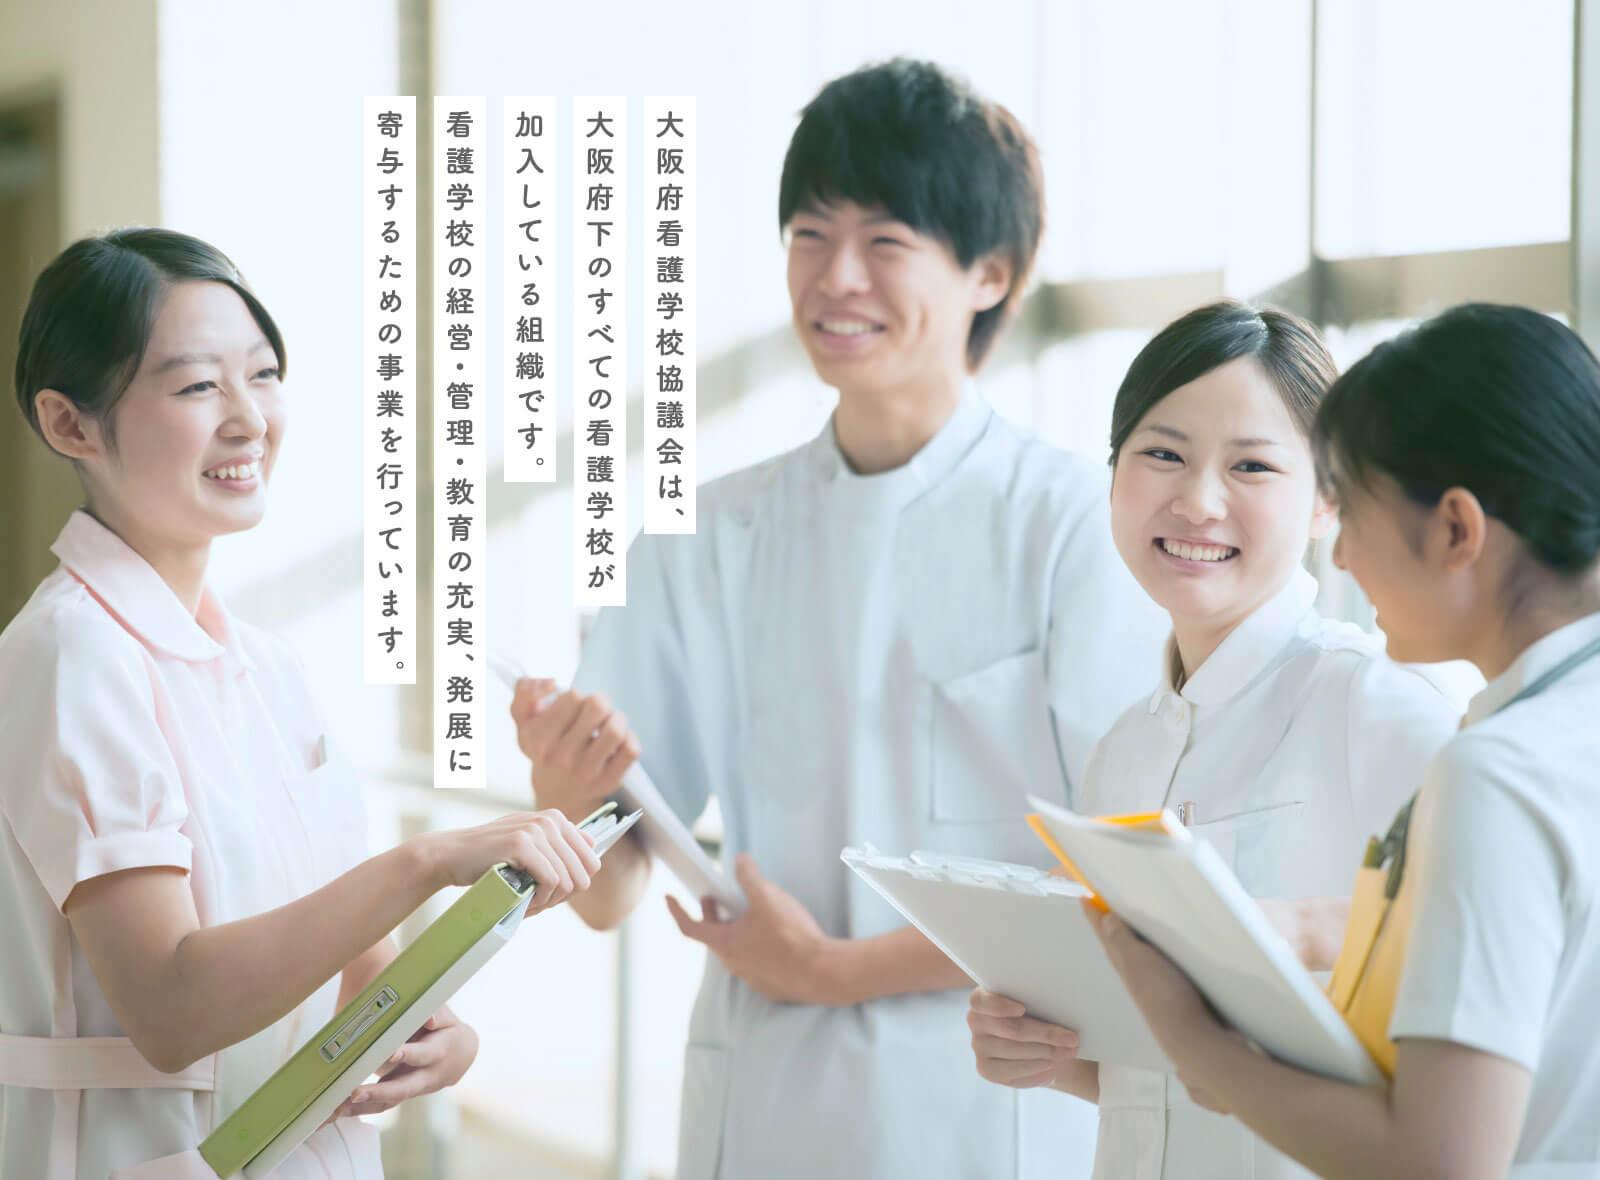 大阪府看護学校協議会は、大阪府下のすべての看護学校が加入している組織です。看護学校の経営・管理・教育の充実、発展に寄与するための事業を行っています。